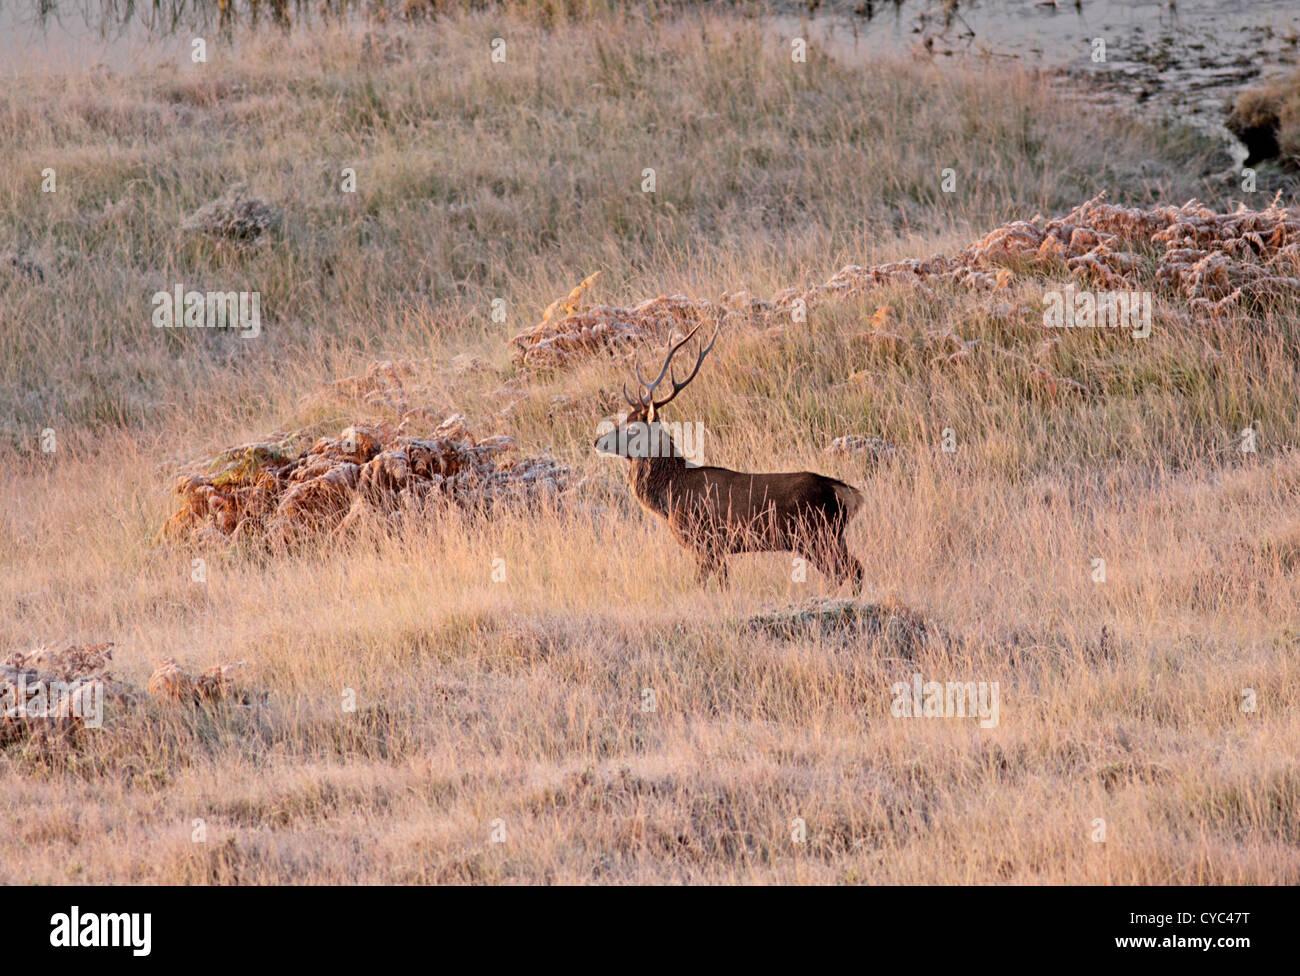 Reino Unido Escocia Ciervo ciervo y hierba mate Foto de stock